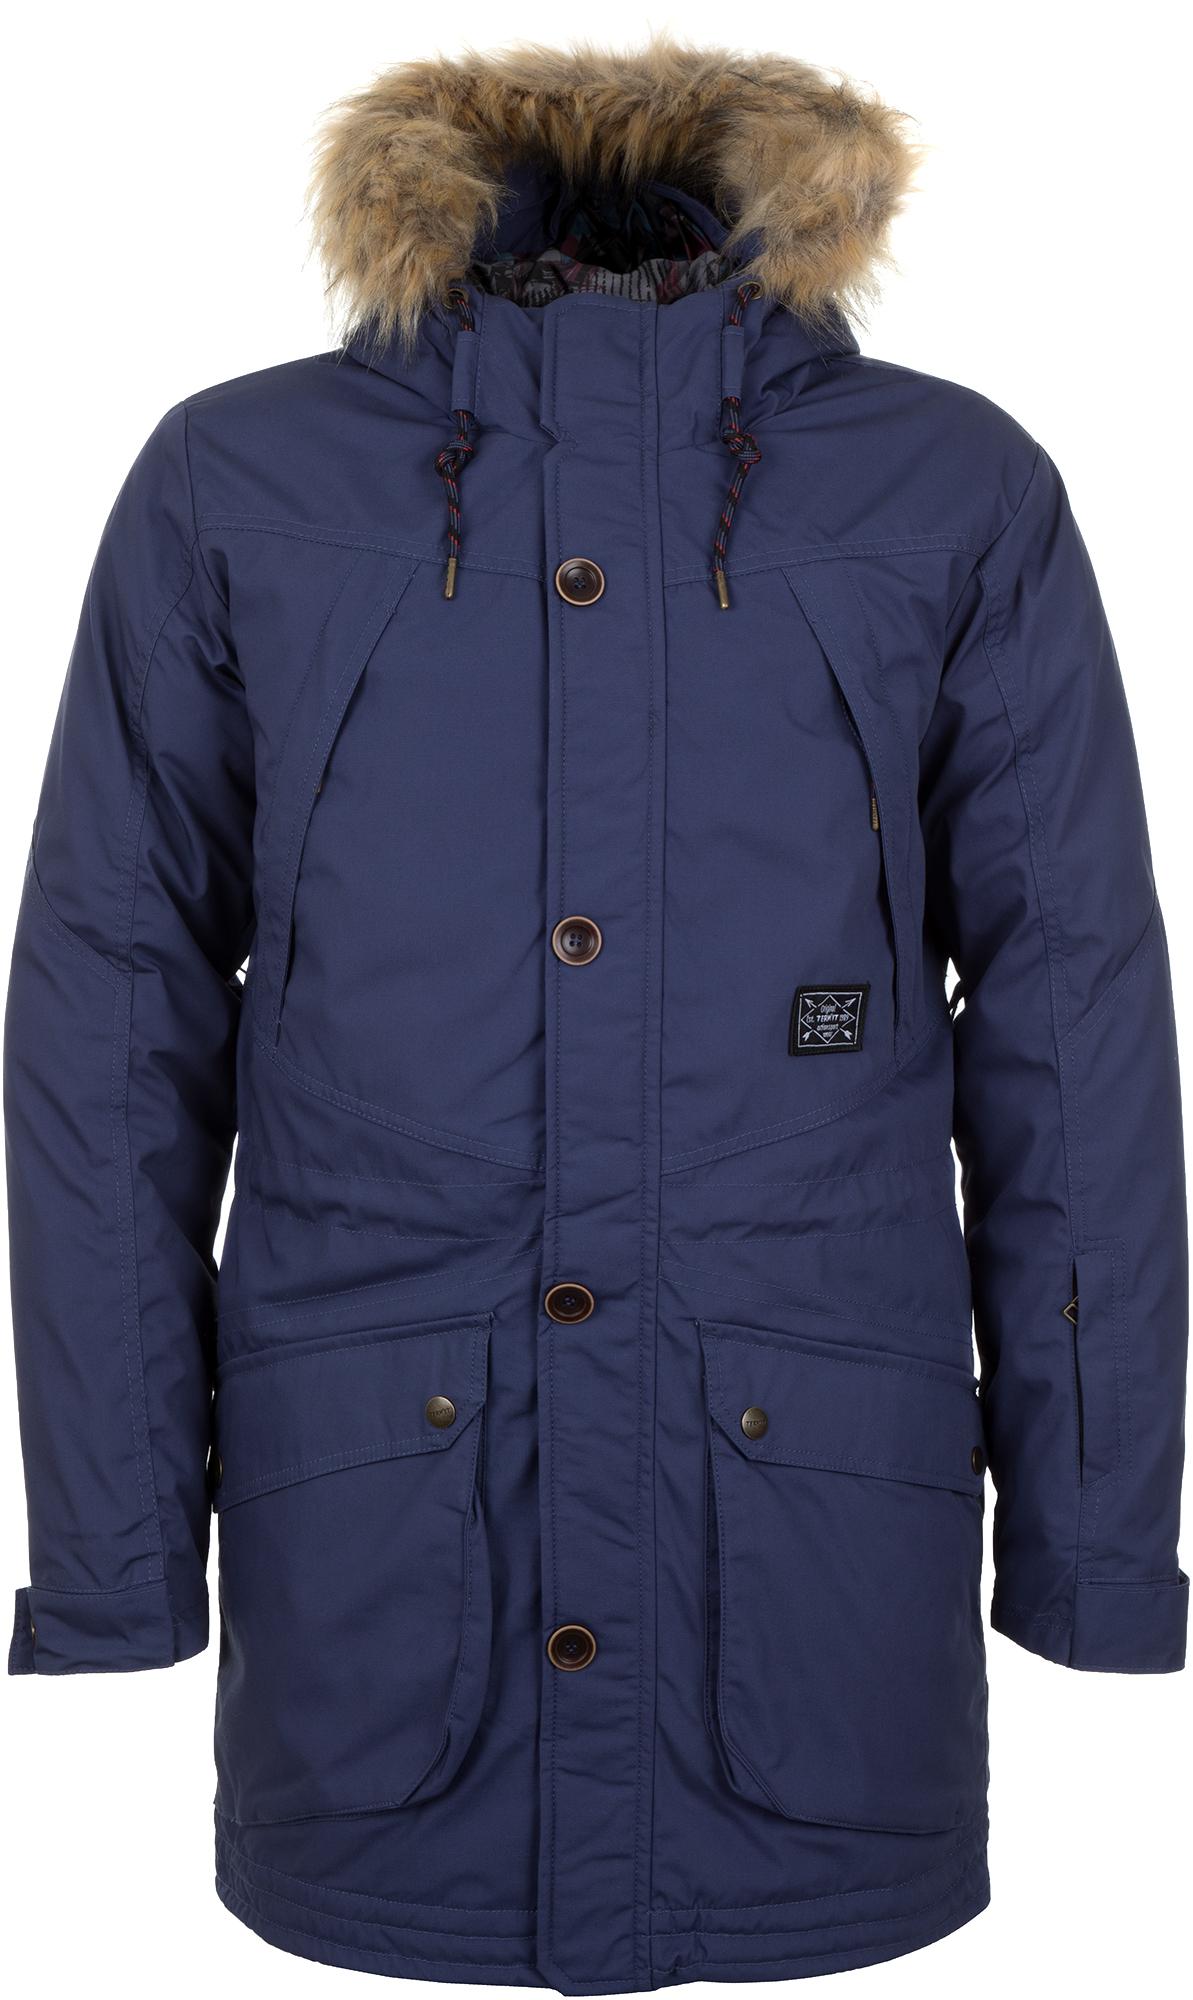 Termit Куртка утепленная мужская Termit, размер 44 цена в Москве и Питере